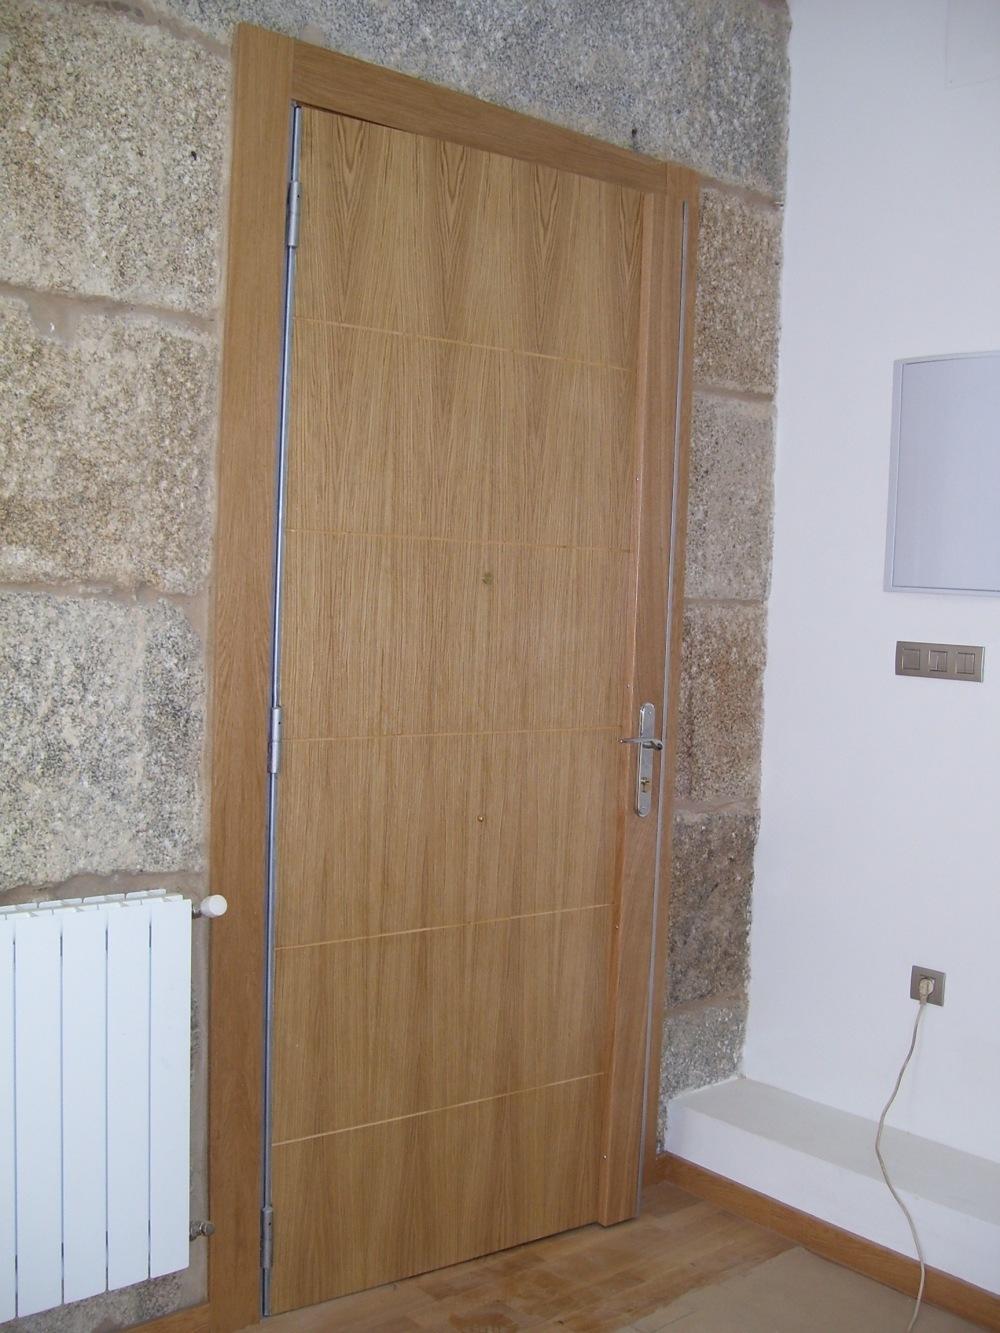 Puertas blindadas en ourense ucha y n voa for Puertas blindadas